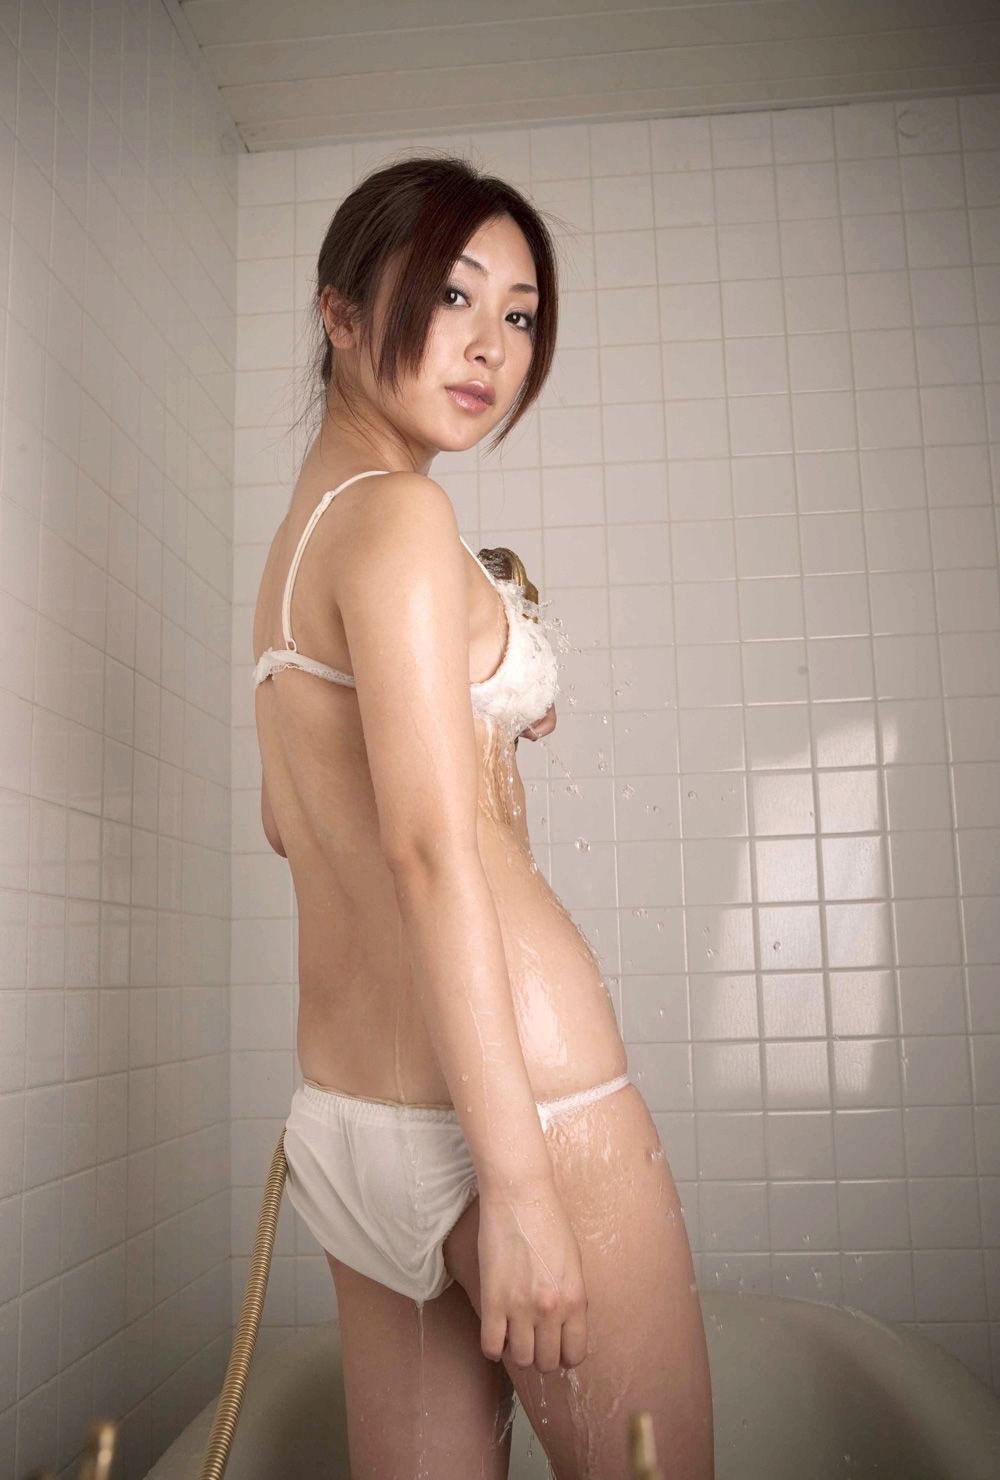 辰巳奈都子 画像 掲示板 48